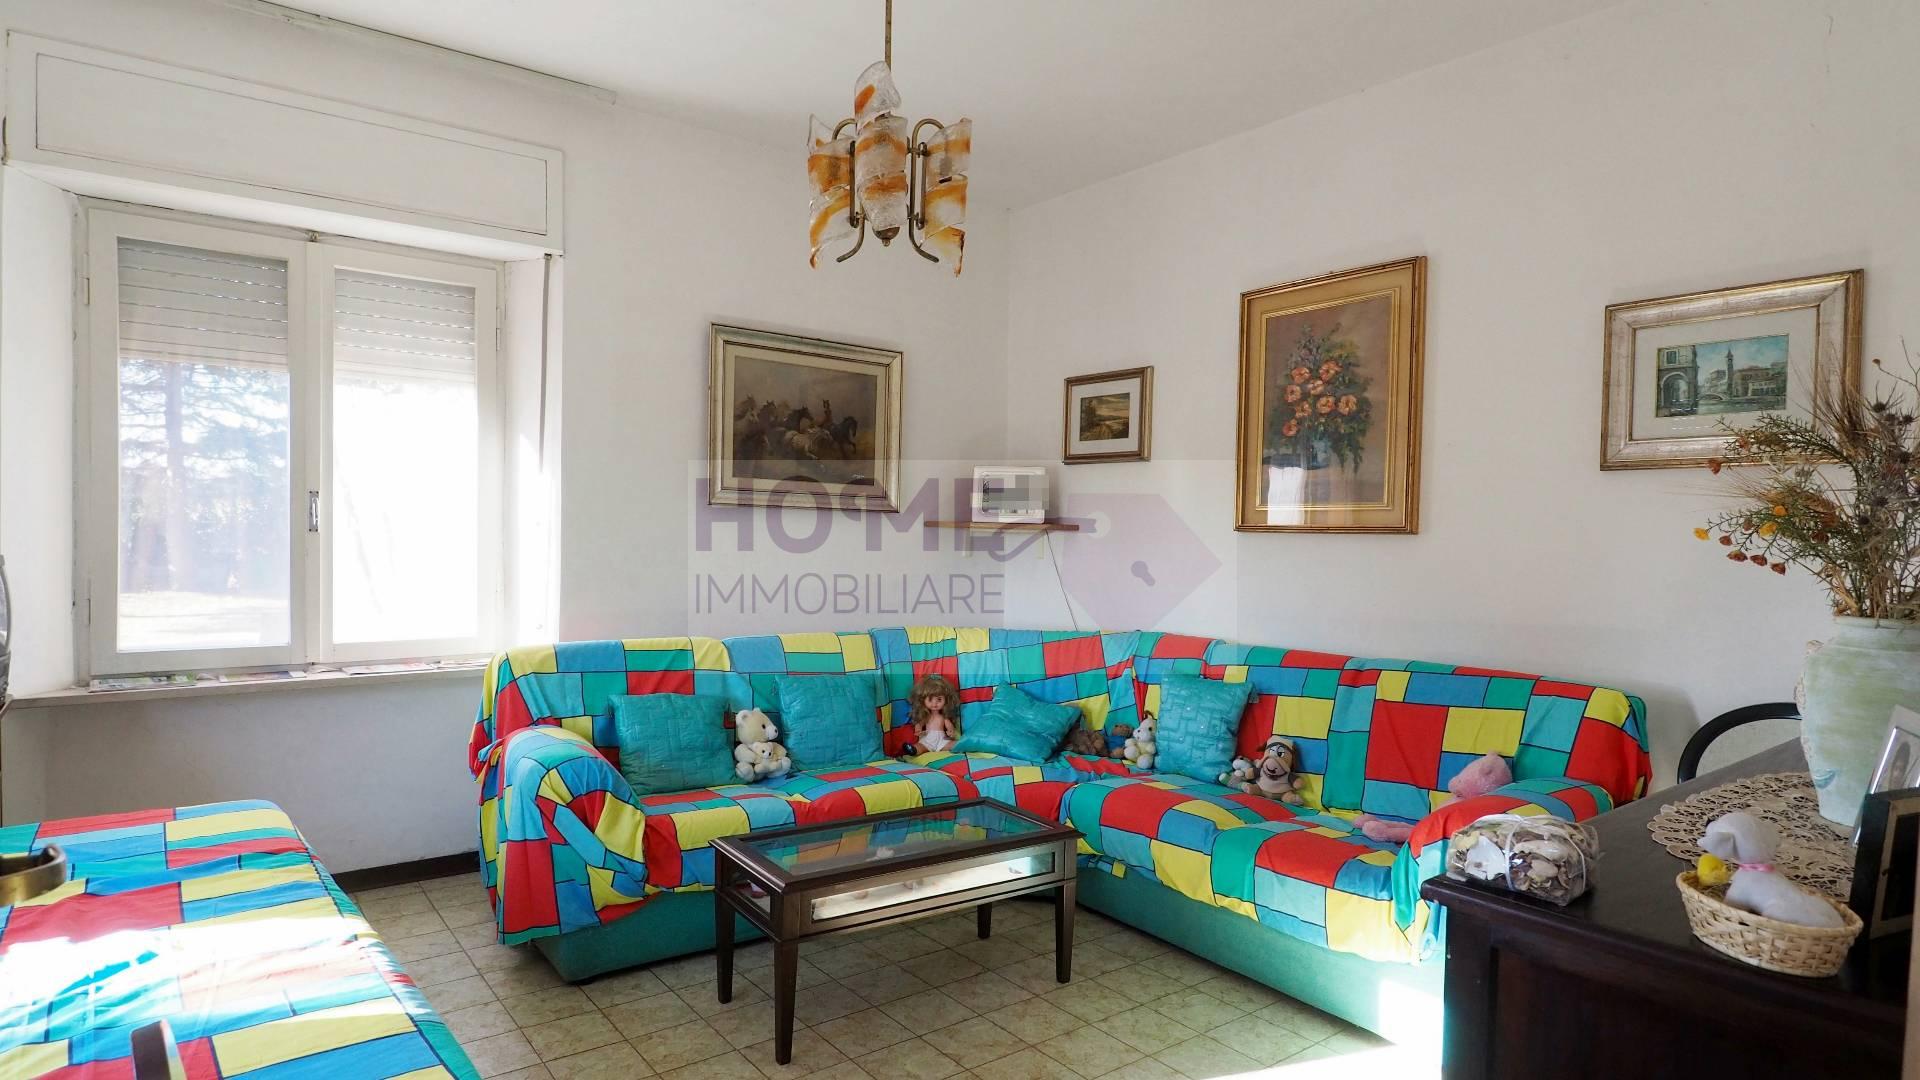 Soluzione Indipendente in vendita a Treia, 5 locali, zona Località: periferia, prezzo € 200.000 | CambioCasa.it